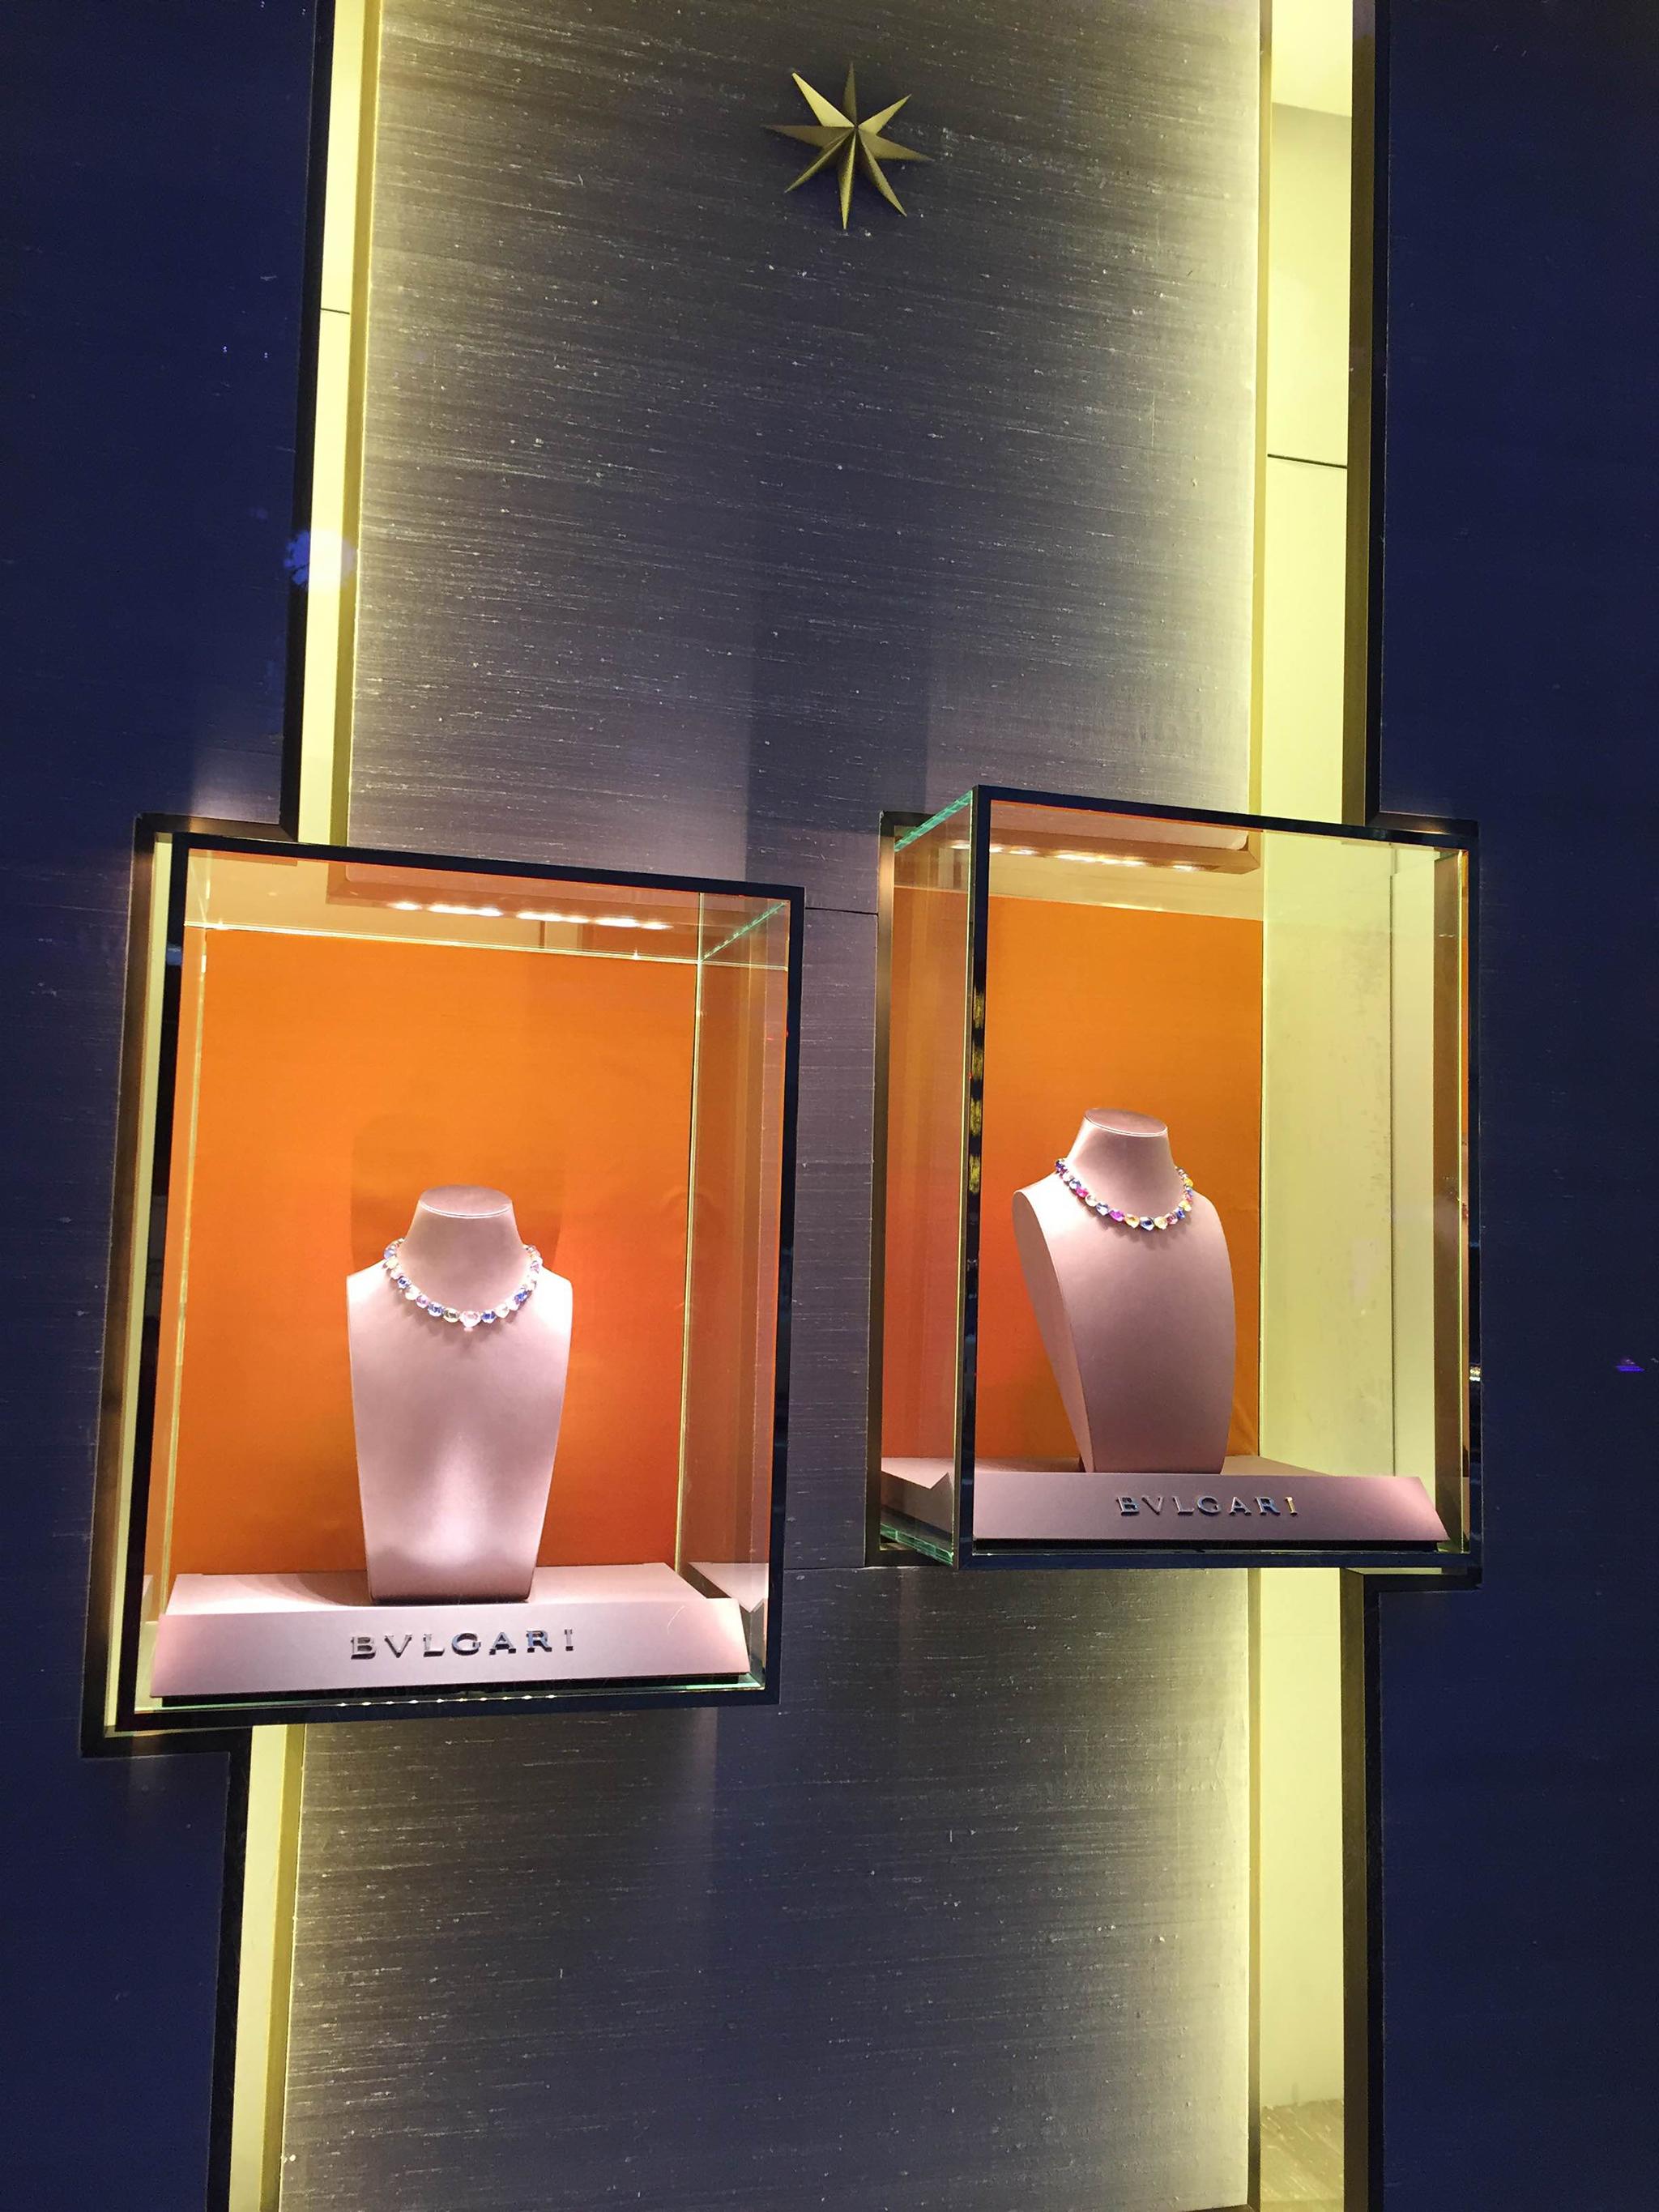 Bvlgari S Window Displays New York February 16